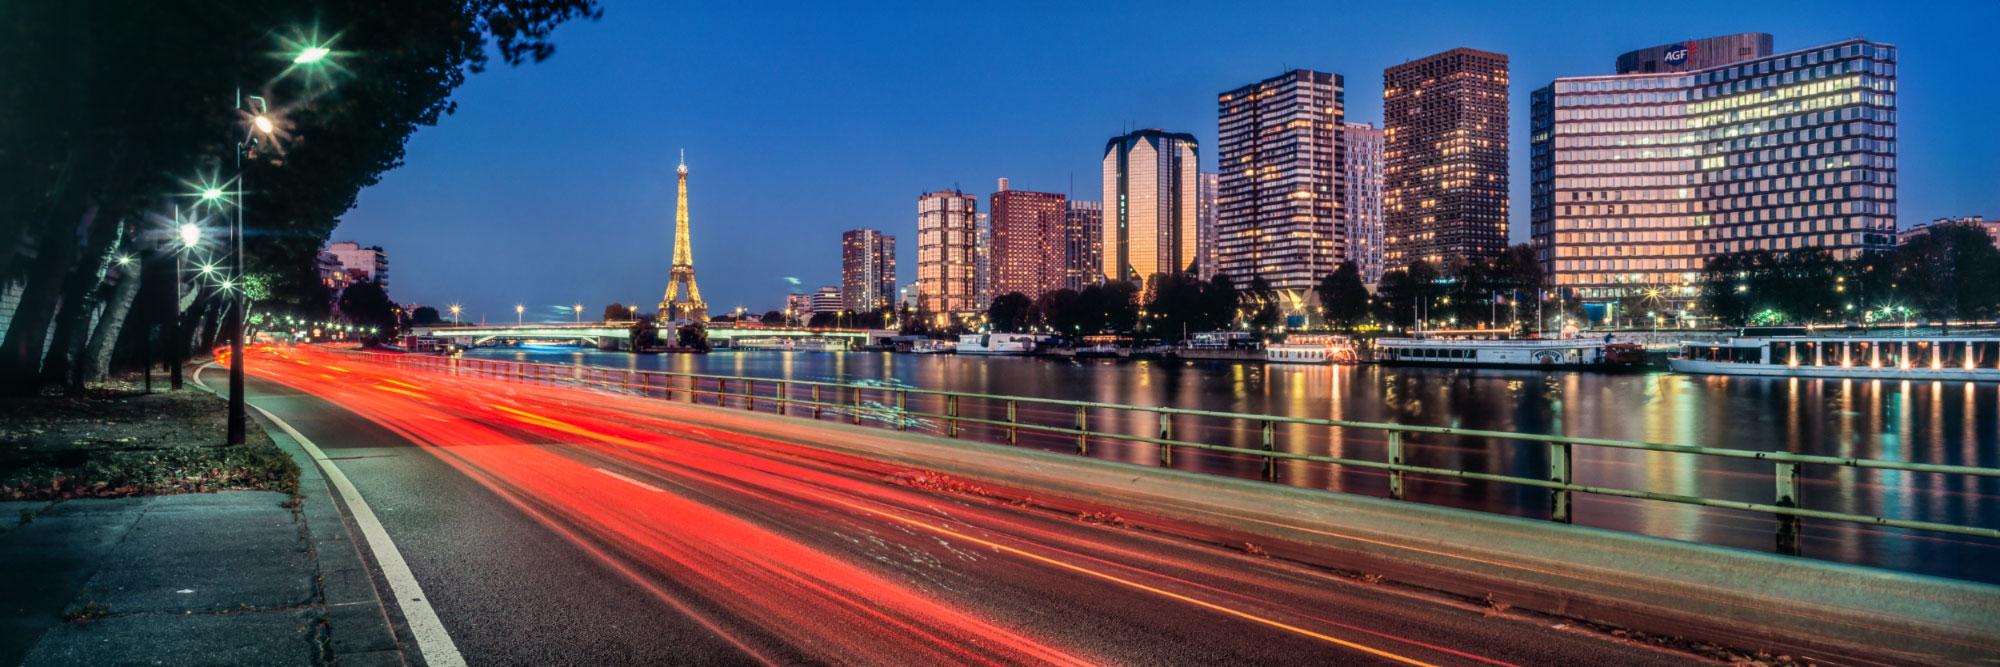 Sous le pont Mirabeau coule la Seine